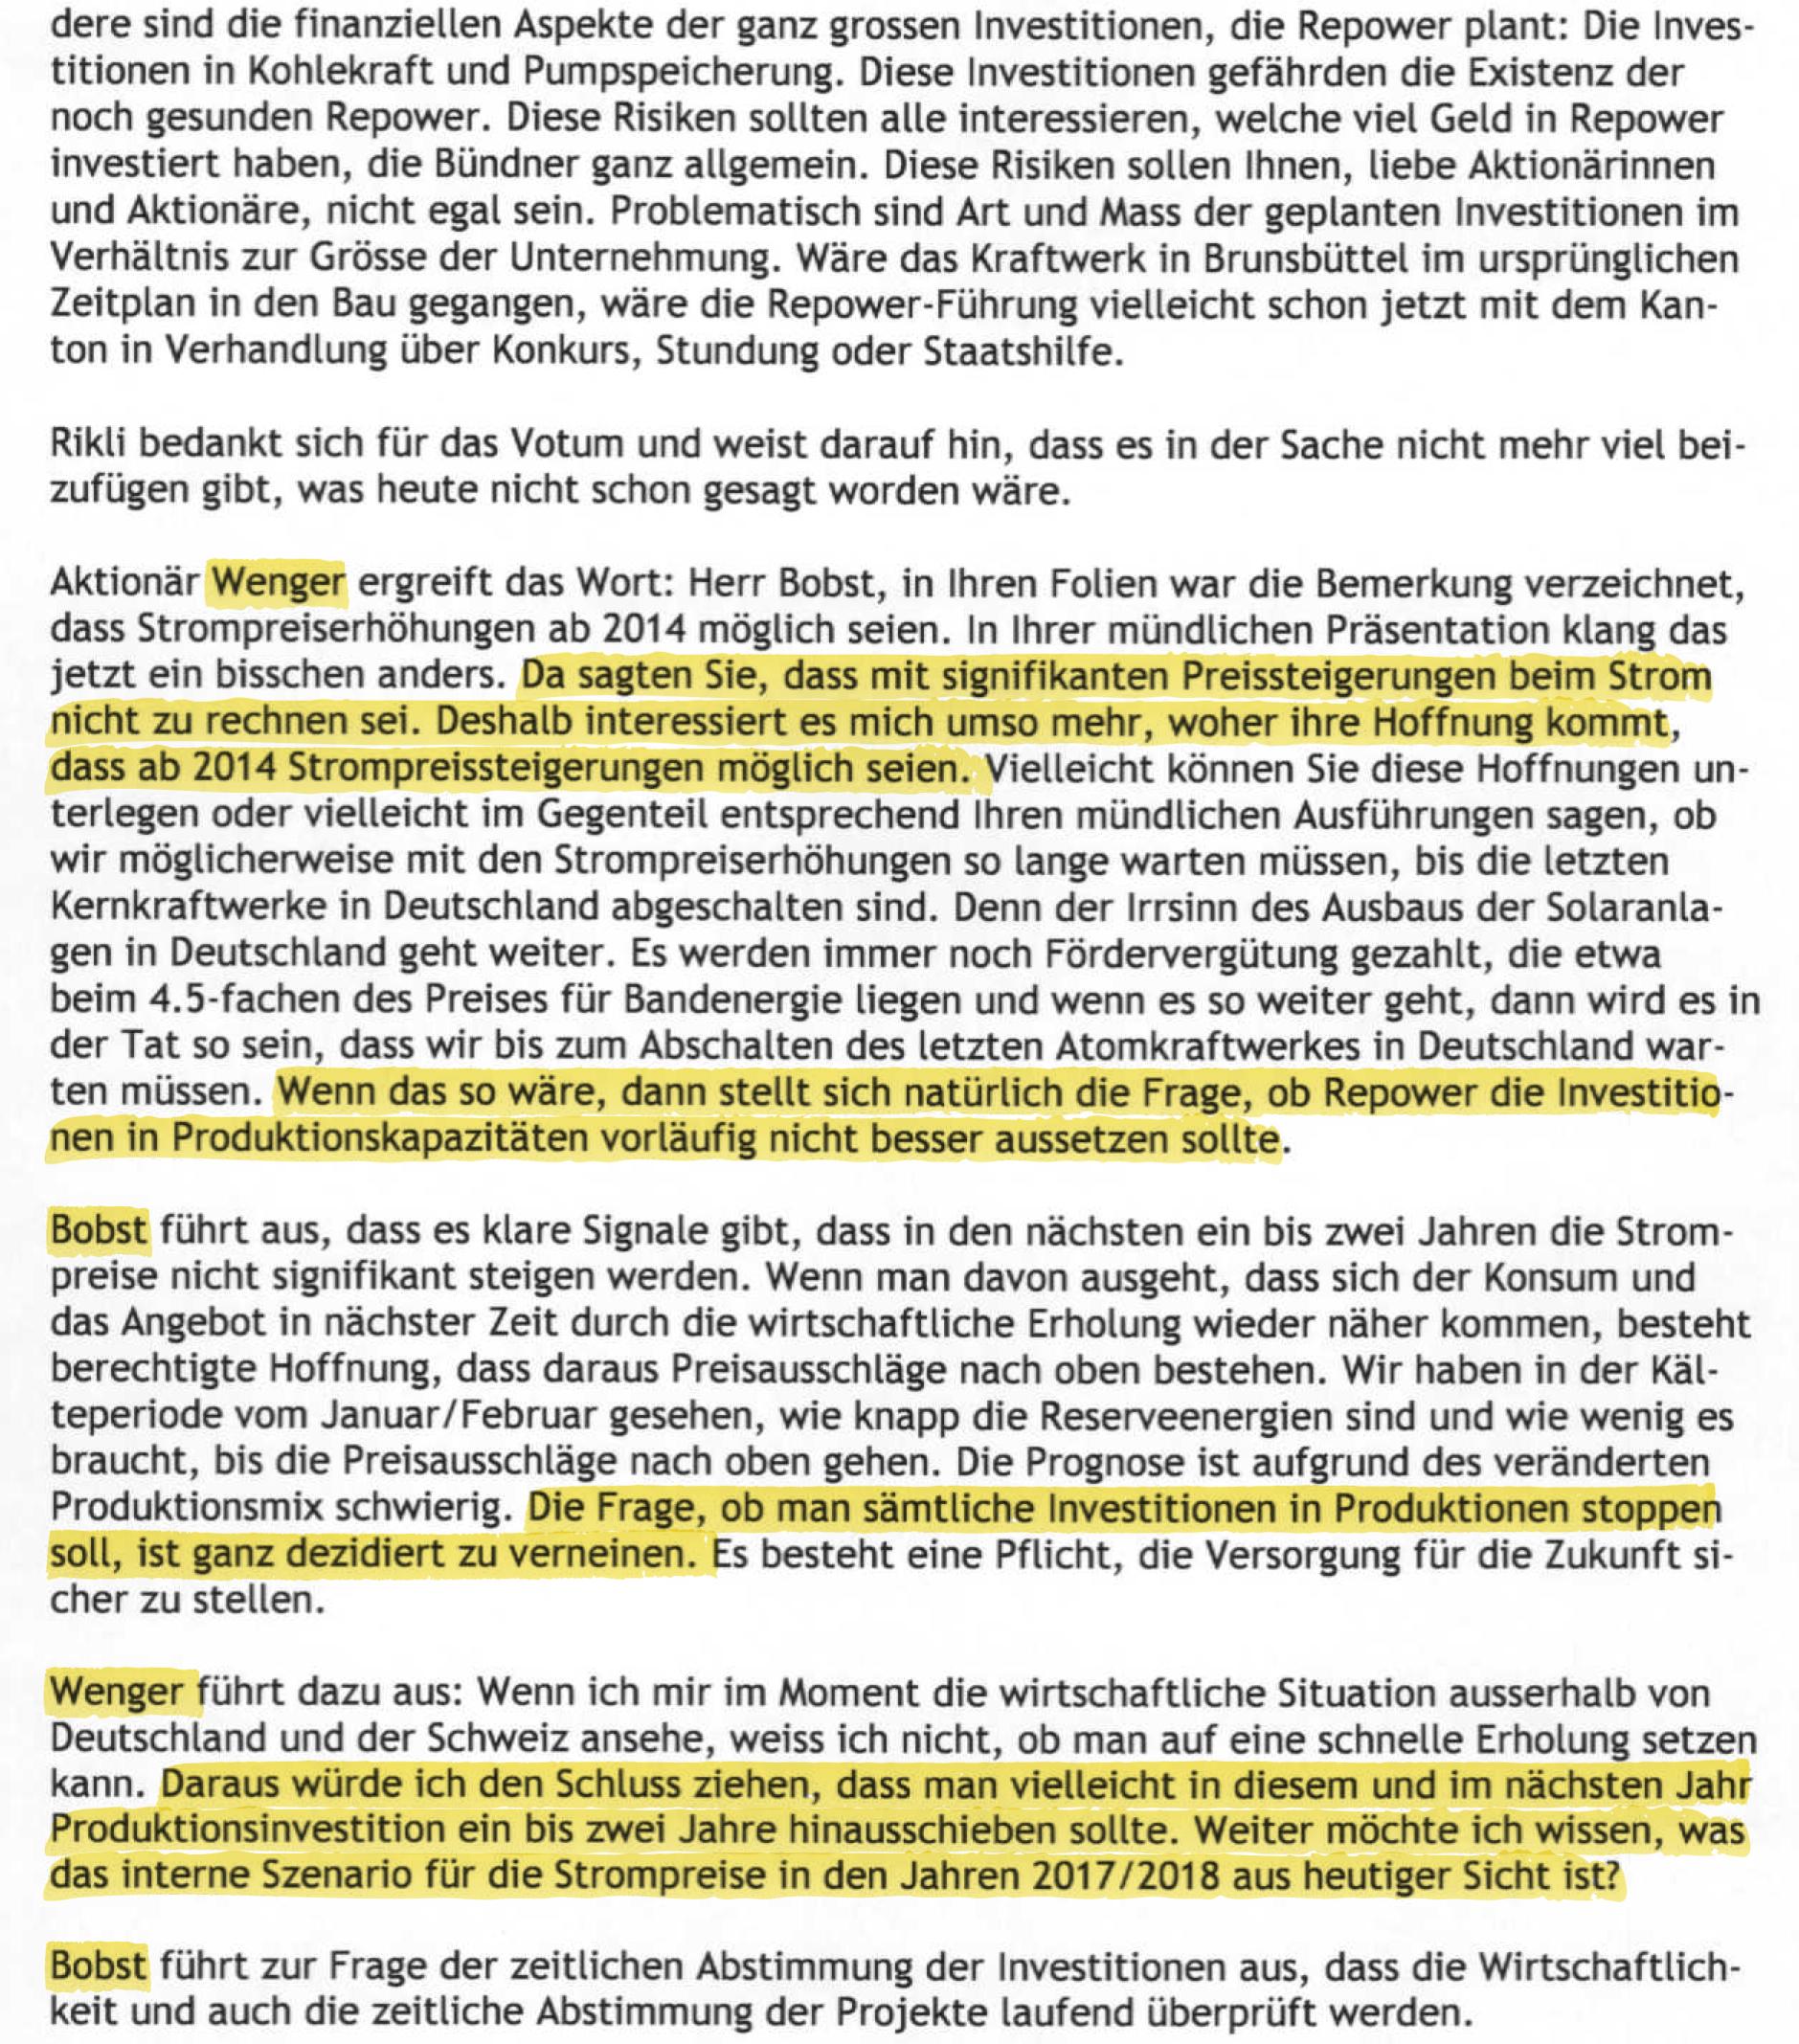 Auszug Protokoll der Generalversammlung der Bündner Repower 2012. Seite 15.